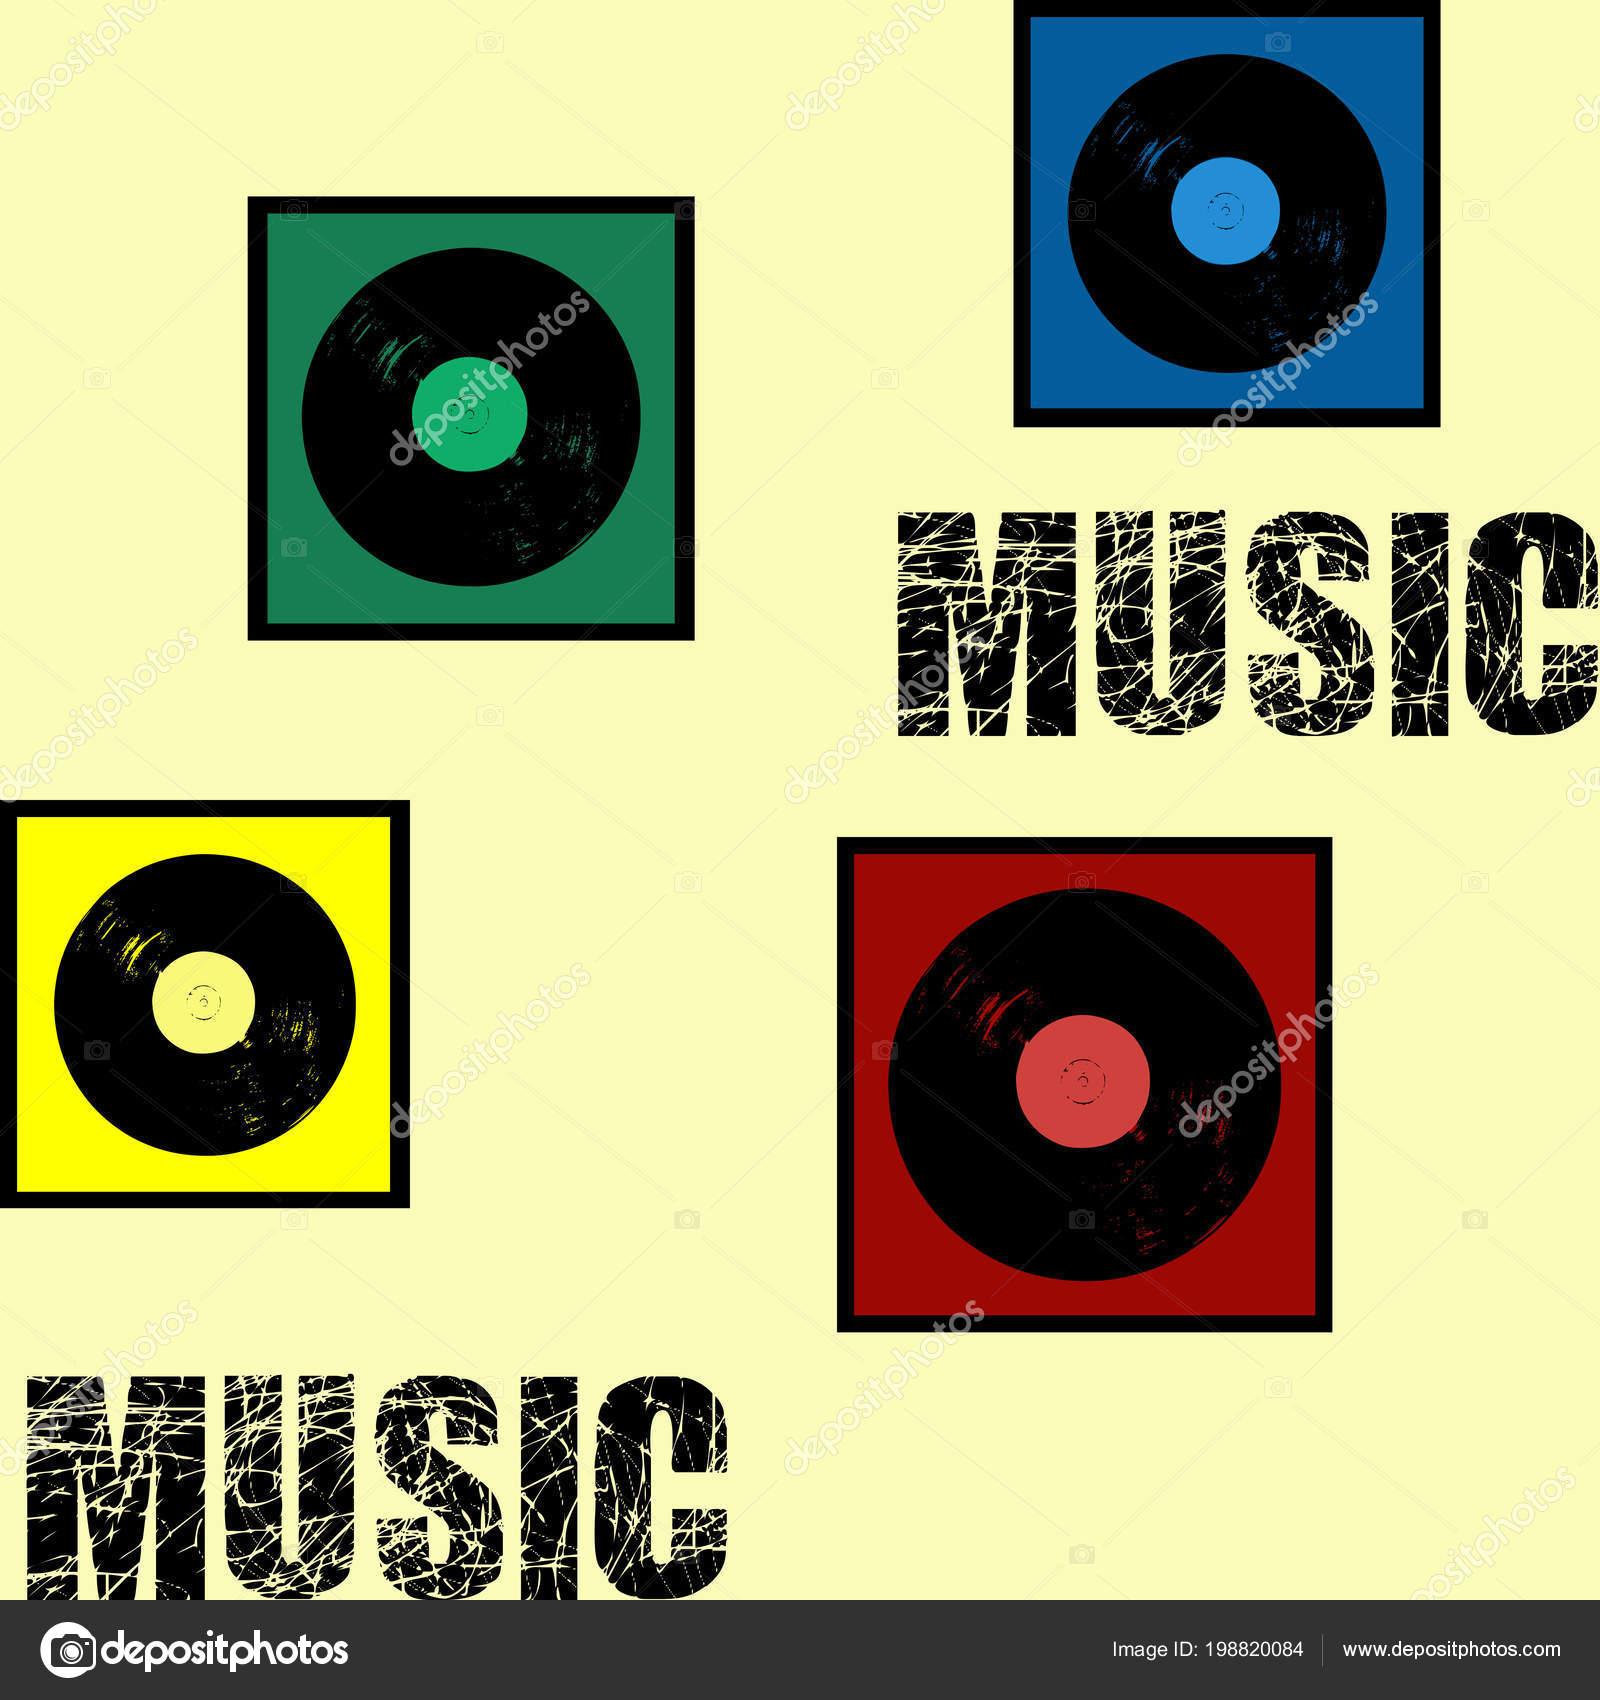 Ilustración Diseño Texto Estilo Retro Música Con Decoración